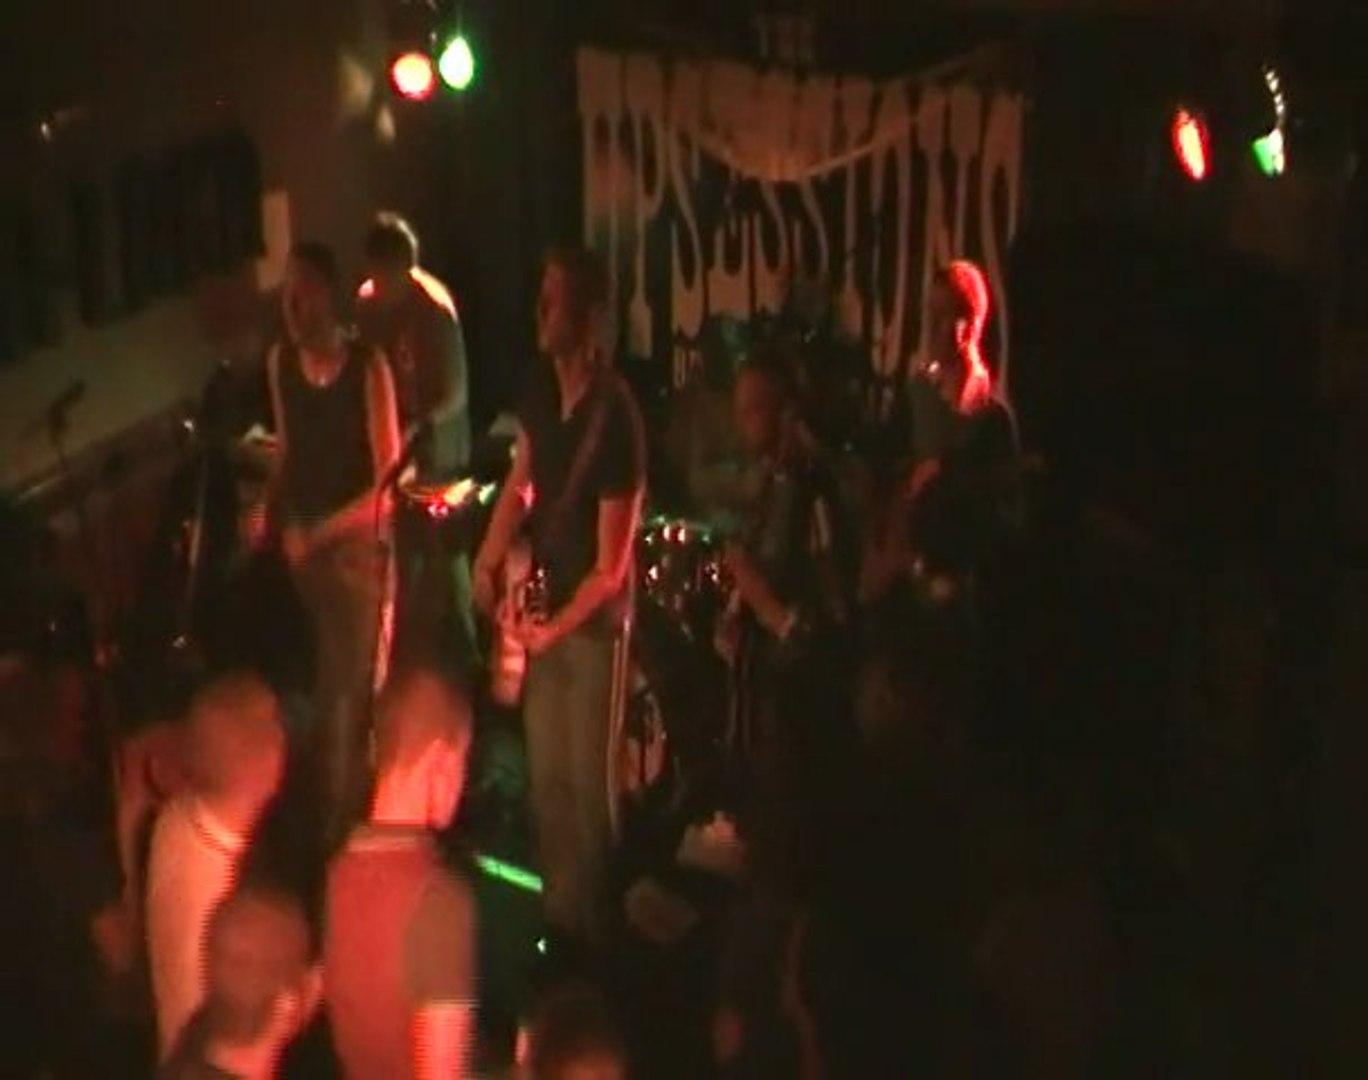 The Upsessions - beat me reggae @ shaka laka 26.09.2009